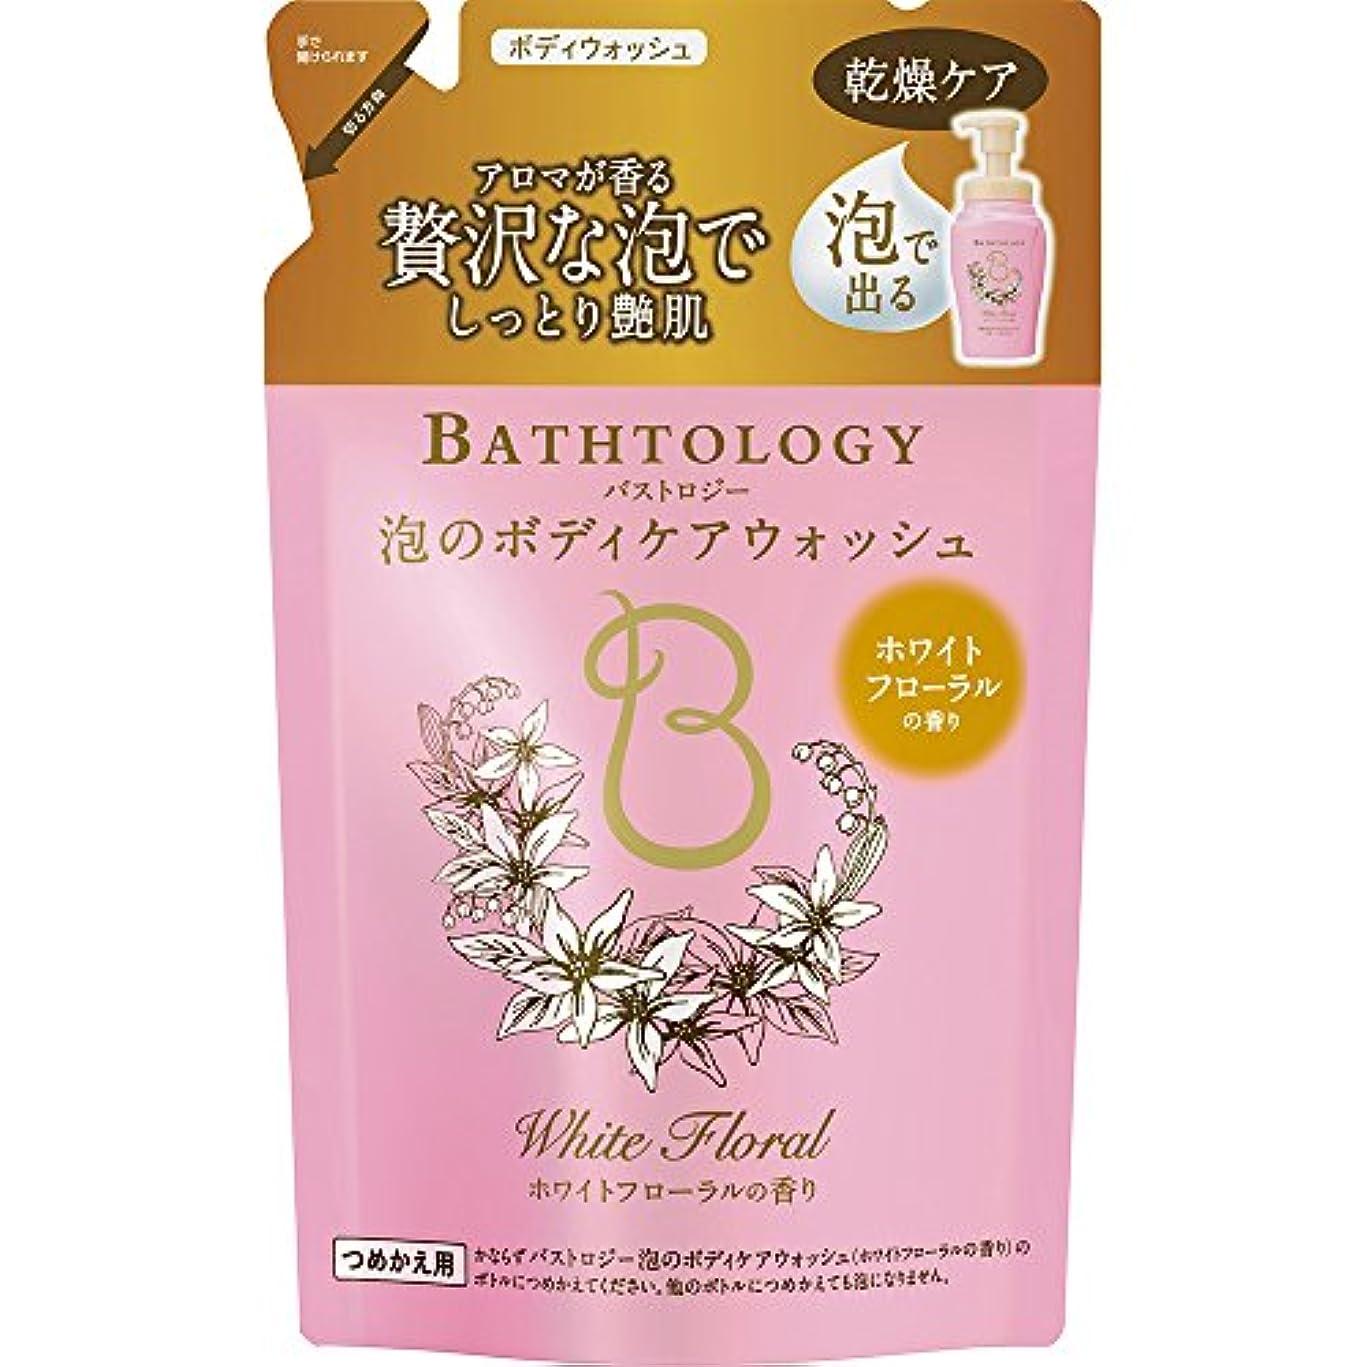 専制とげ適合するBATHTOLOGY 泡のボディケアウォッシュ ホワイトフローラルの香り 詰め替え 350ml